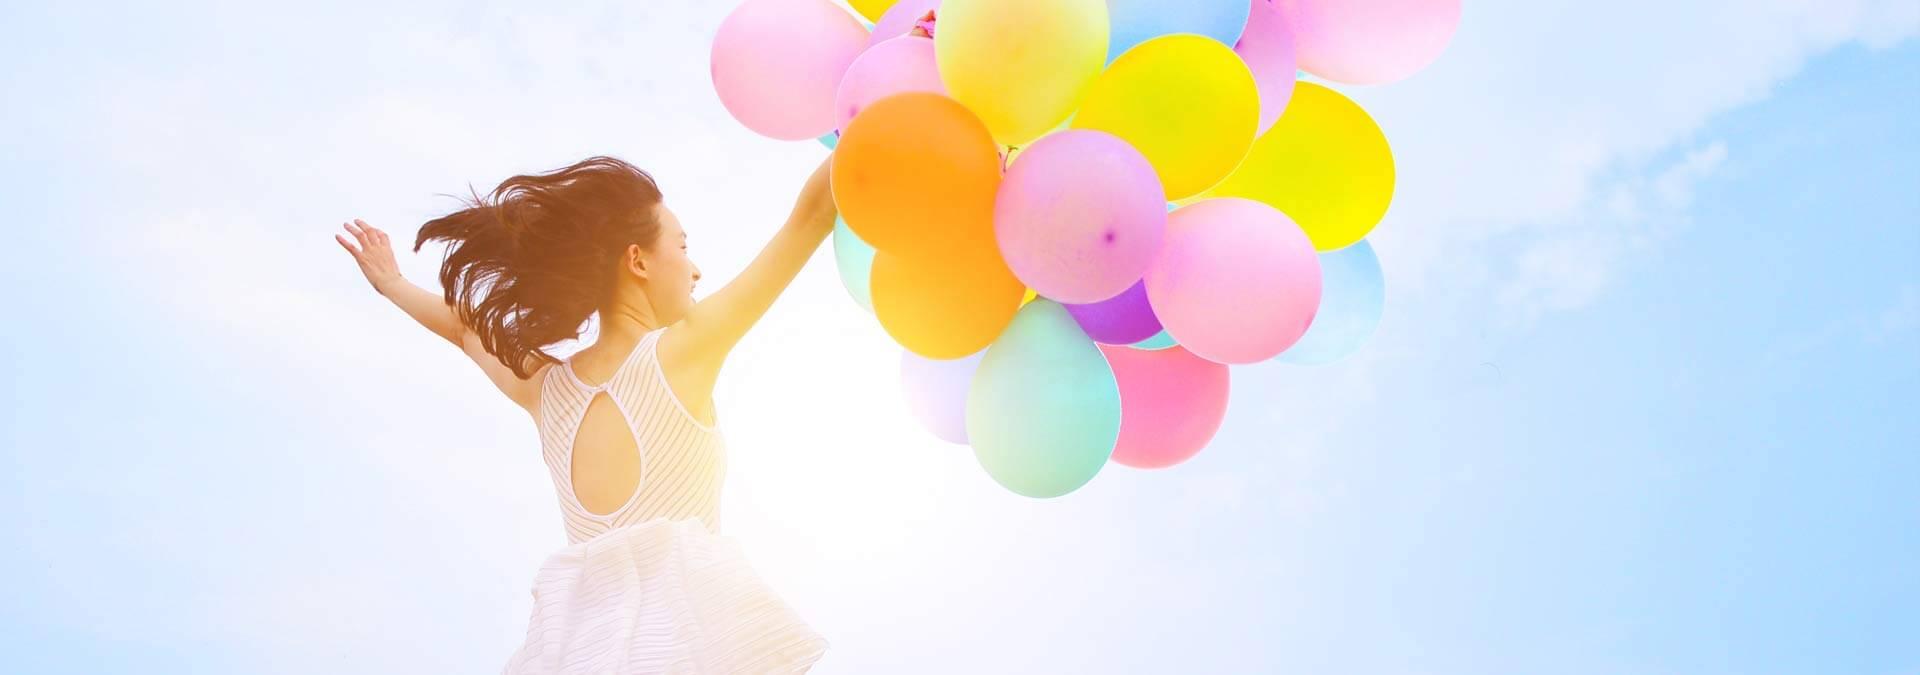 Positieve spreuken positiviteit quotes met positieve woorden geluk - ingspire